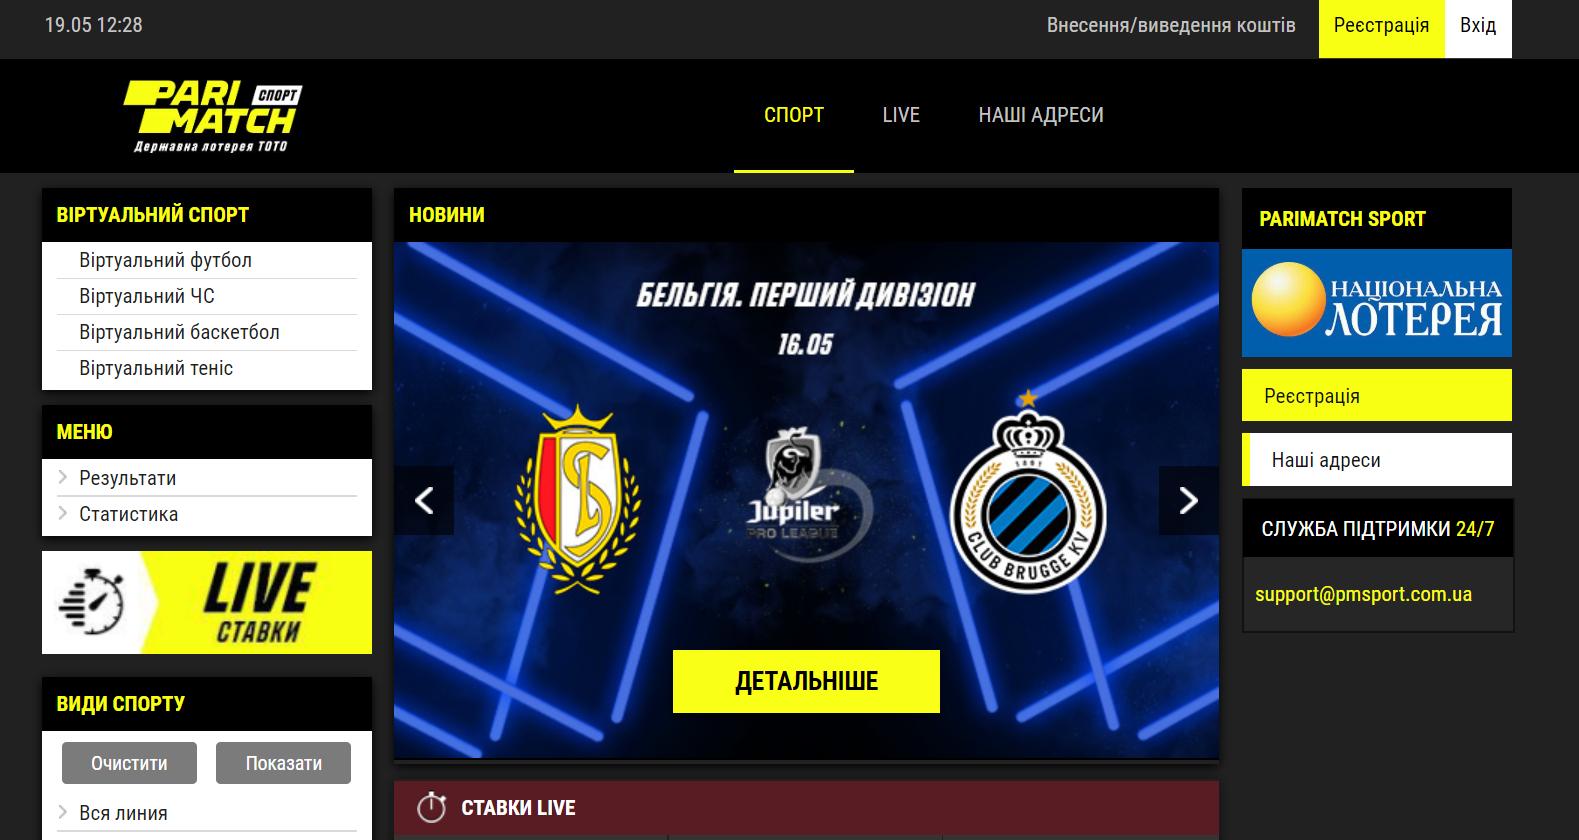 Онлайн-ставки на спорт в БК Париматч